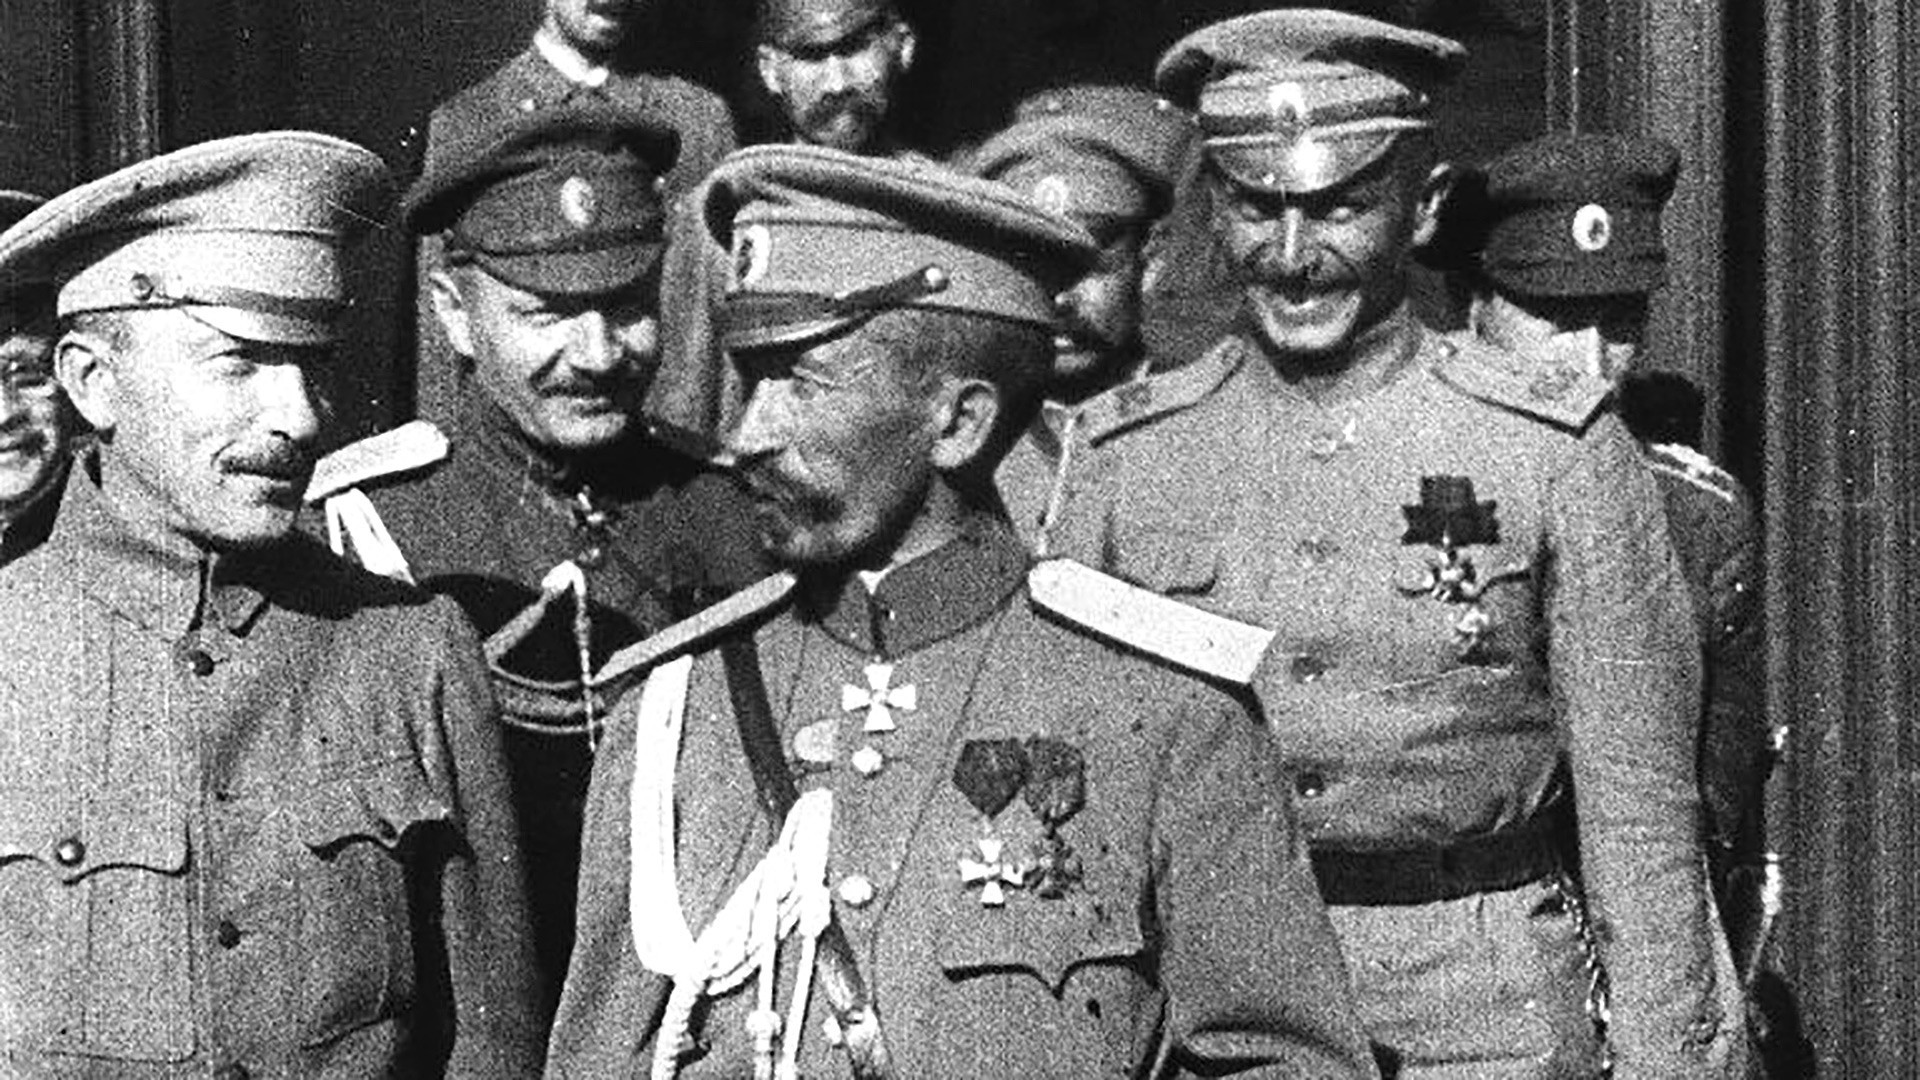 U kolovozu 1917. godine general Kornilov šalje trupe u Petrograd da se suprotstave privremenoj vladi.